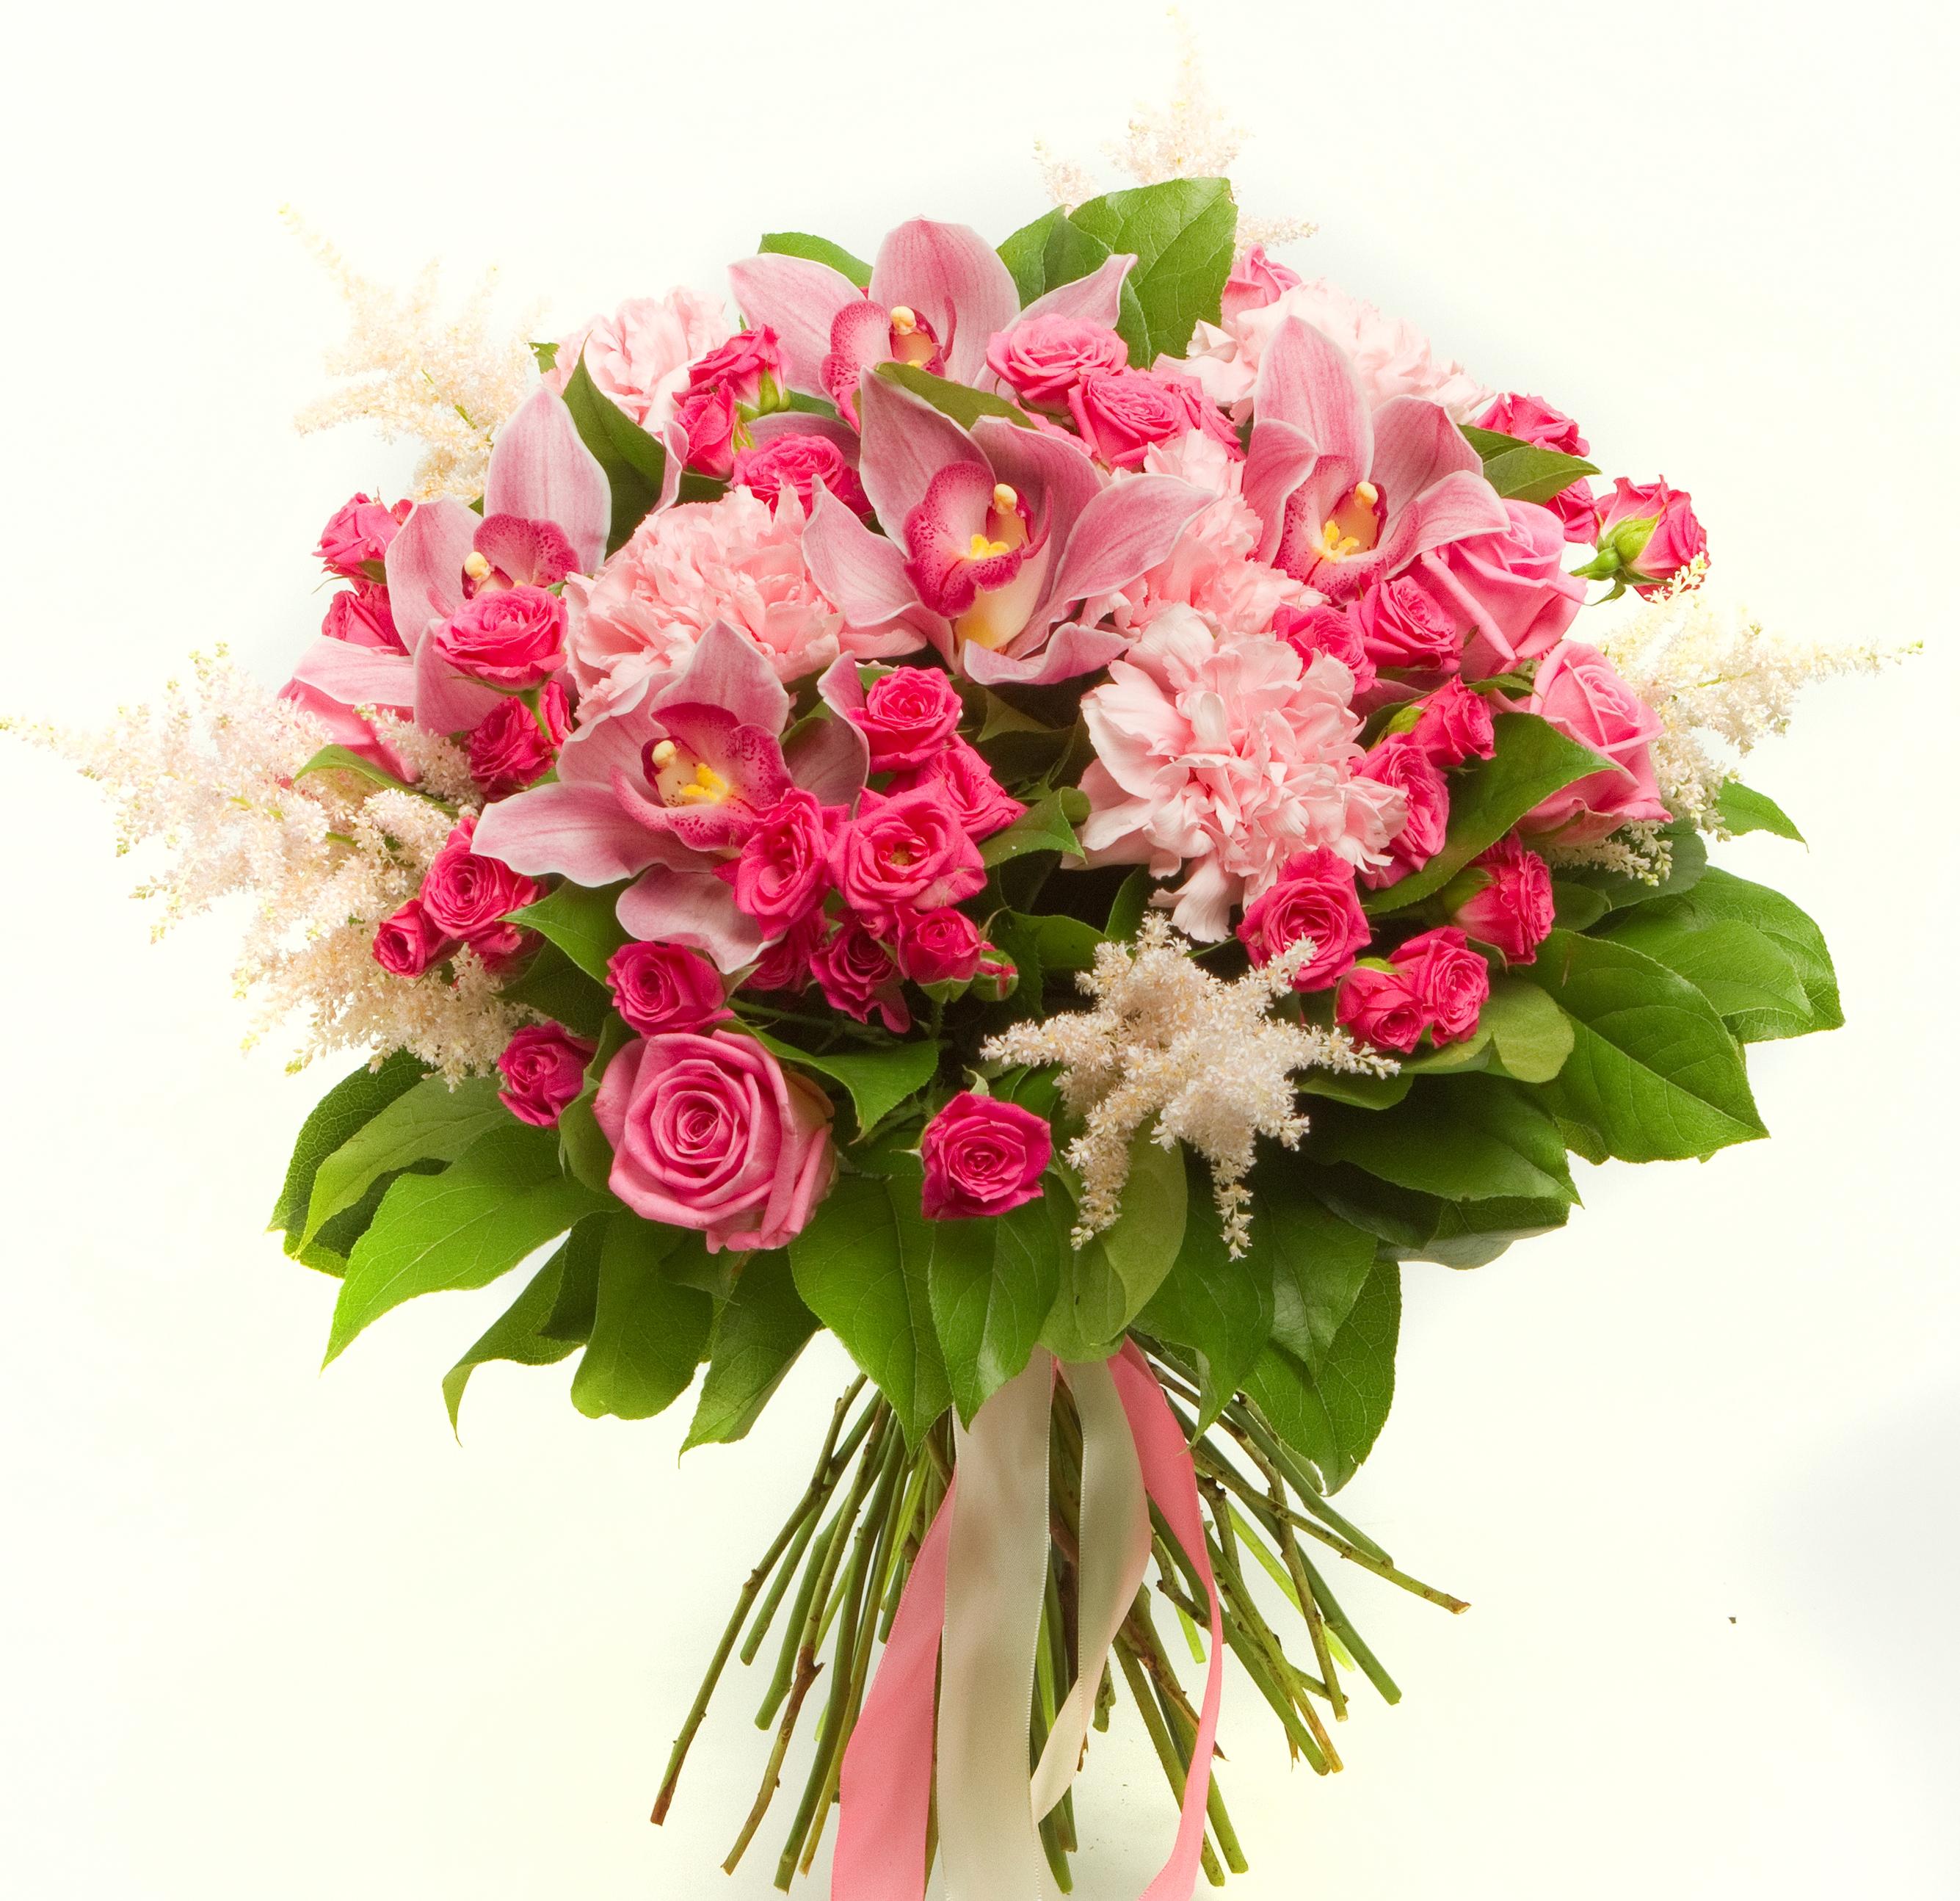 Авторский букет цветов Красотка<br>Ингредиенты: Астильба 5 шт, Гвоздика 5 шт, Роза кустовая 10 шт, Салал 1 шт, Цимбидиум 5 шт, Роза (50 см) 5 шт;